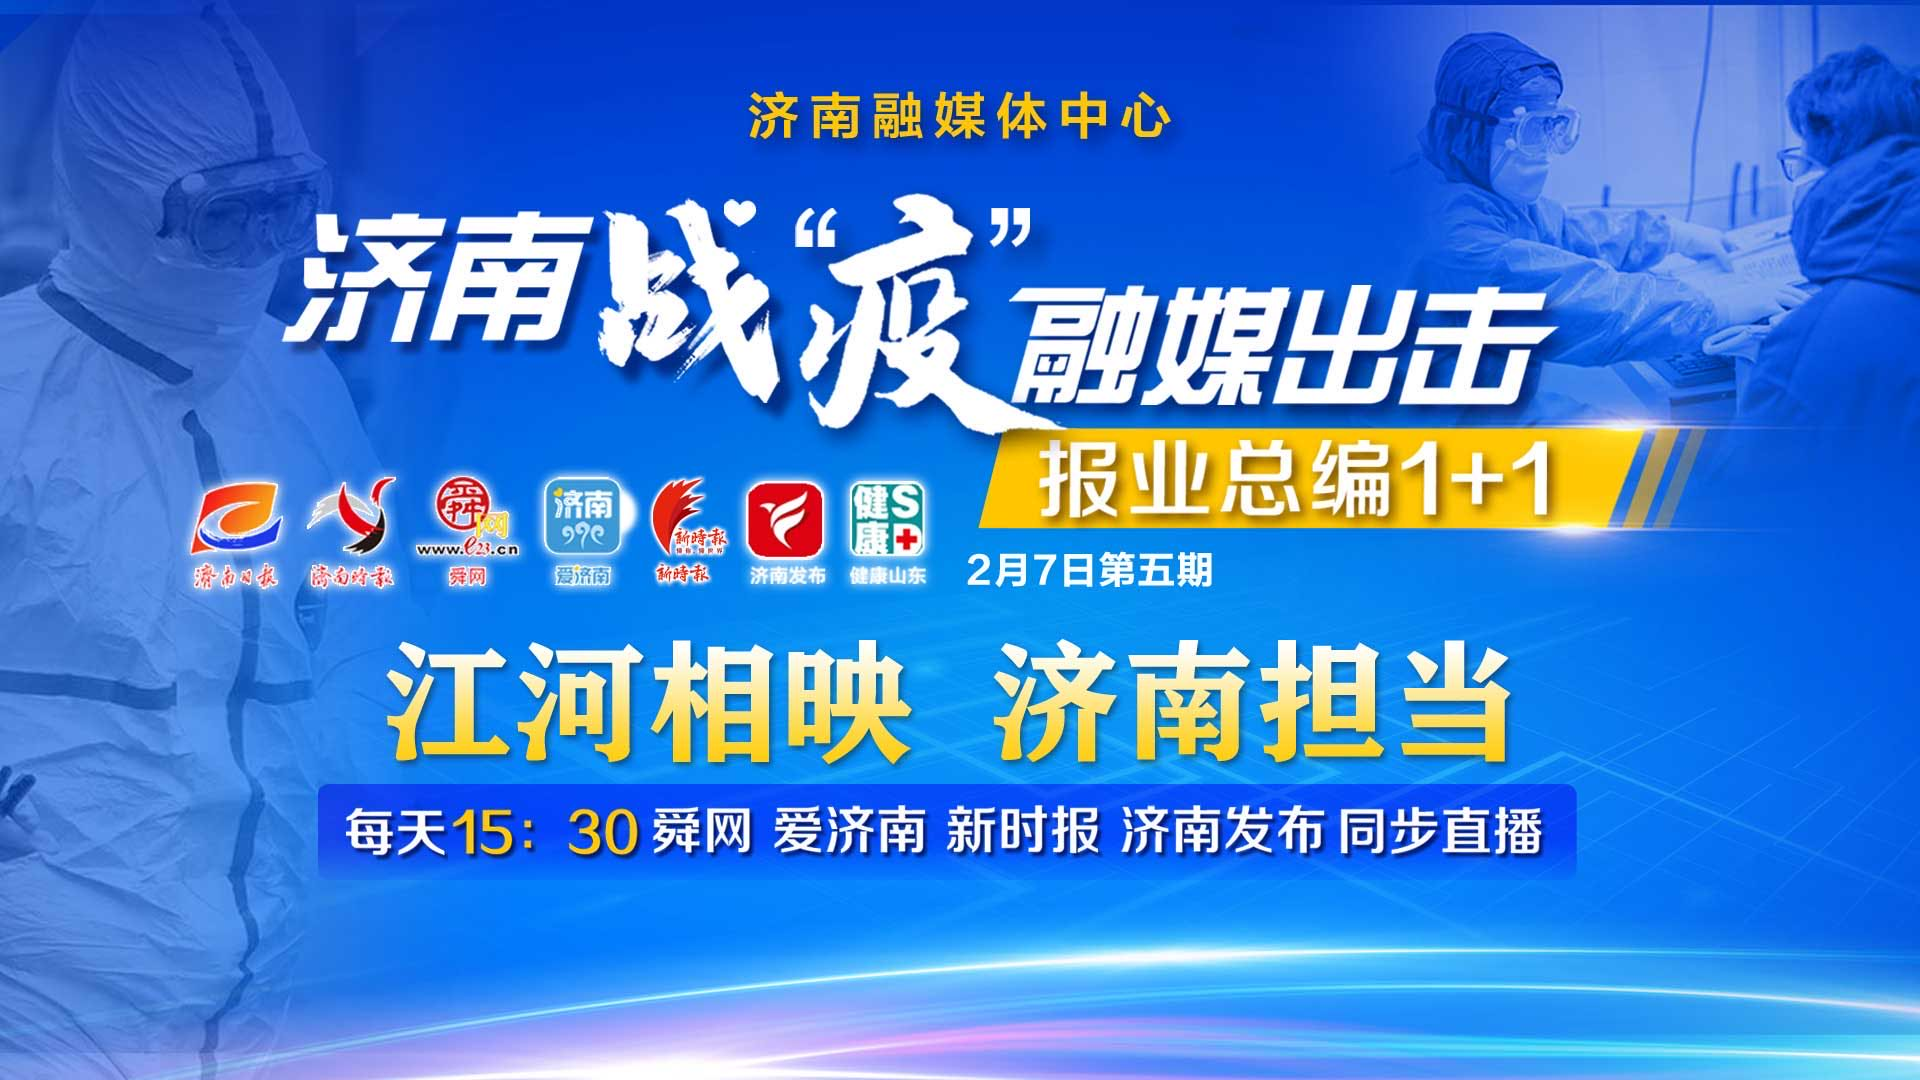 http://www.jinanjianbanzhewan.com/jinanxinwen/34802.html